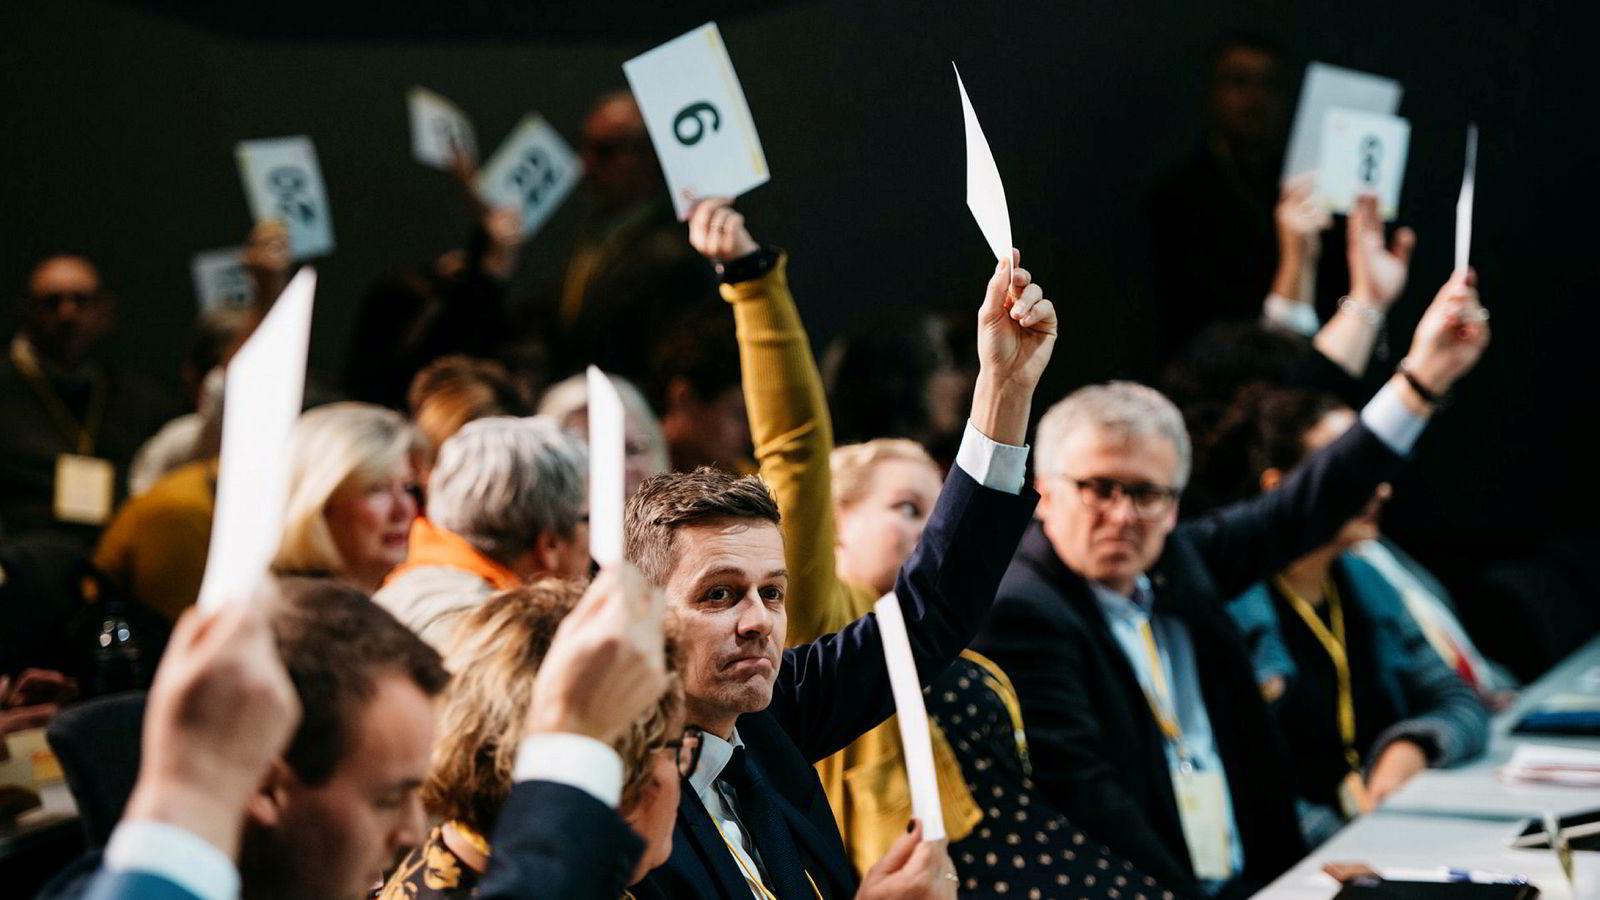 På landsmøtet ble KrF delt i to, og de som ville følge Knut Arild Hareide vurderer nå veien videre. Om Kjell Ingolf Ropstad, i hjørnet til venstre, lykkes med å forhandle KrF inn i den borgerlige regjeringen kan et nytt parti bli startet.